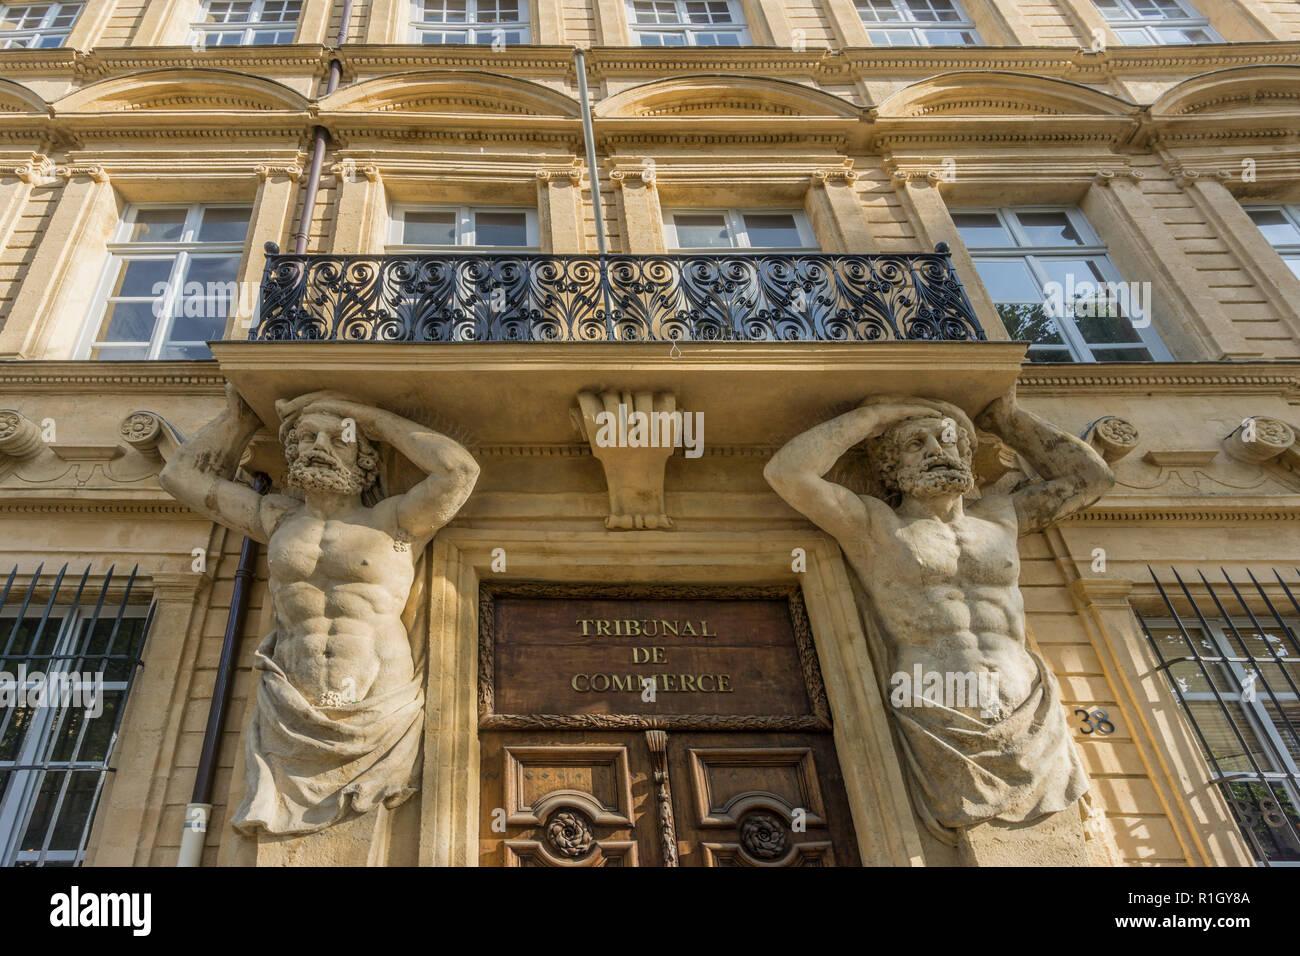 Dorway with caryatids, Tribunal de Commerce, Atlas Firgures,   Cours Mirabeau, Aix-en-Provence, Bouches-du-Rhone department, Provence-Alpes-Cote d´Azu - Stock Image